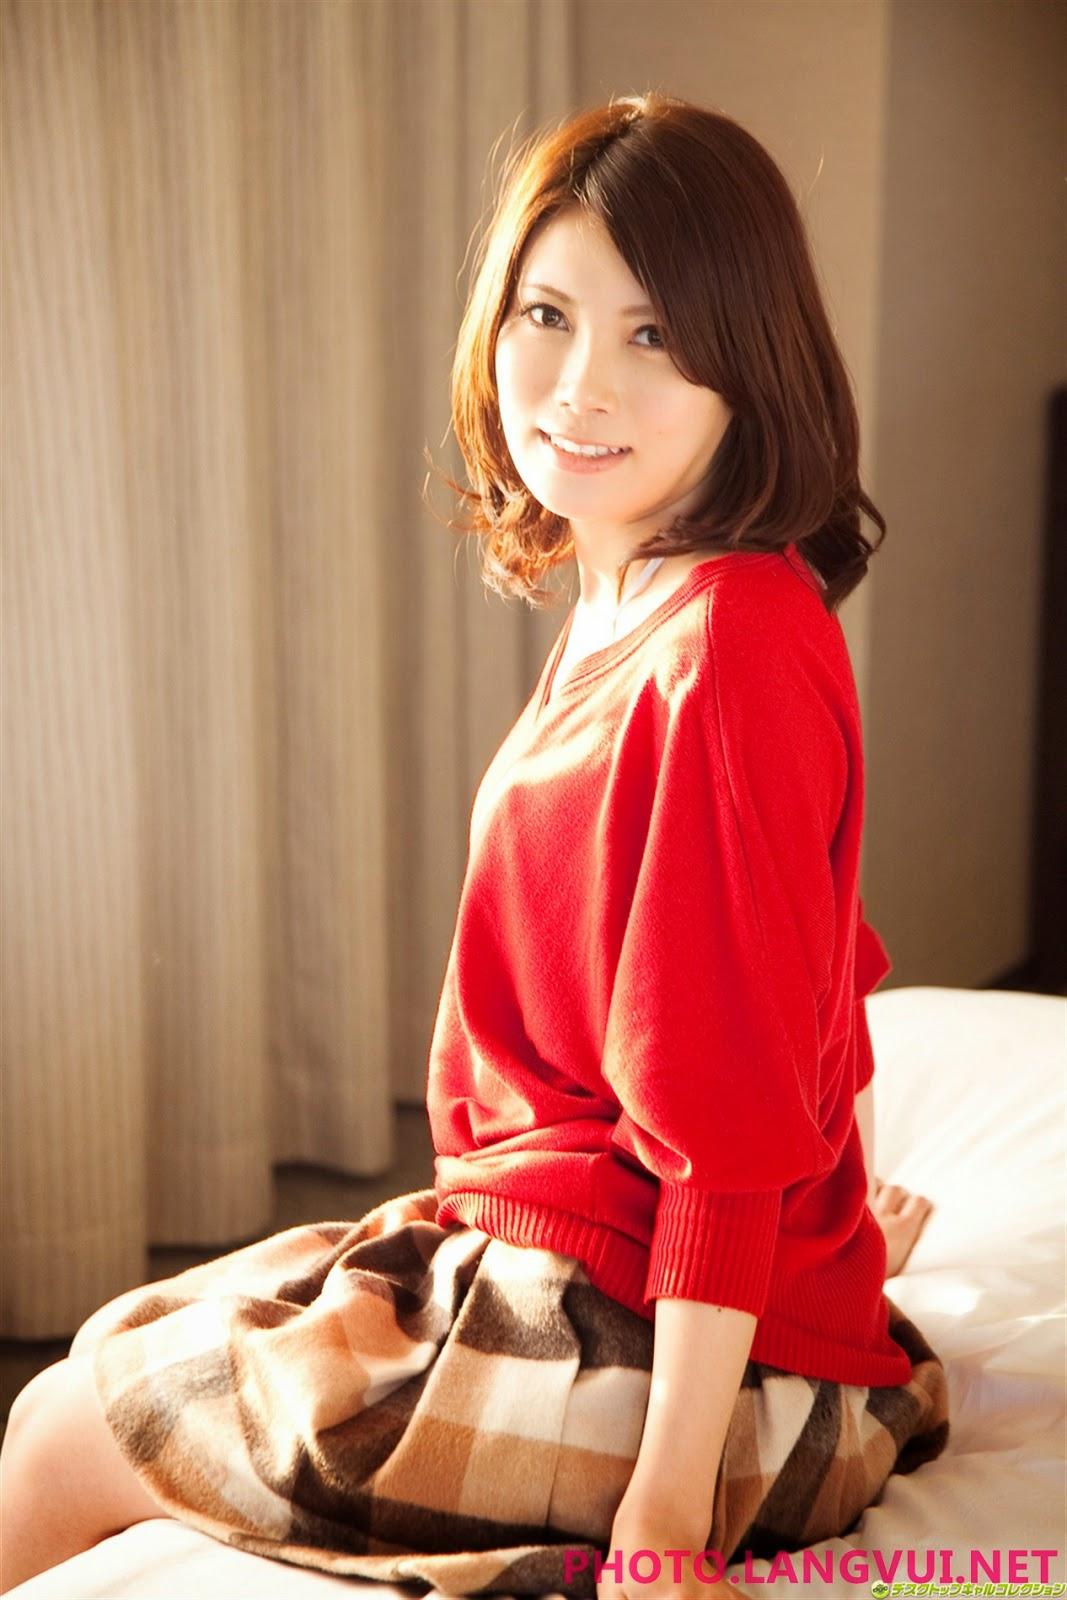 DGC No-1106 Akemi Horiuchi - Ảnh Girl Xinh - photo.langvui.net